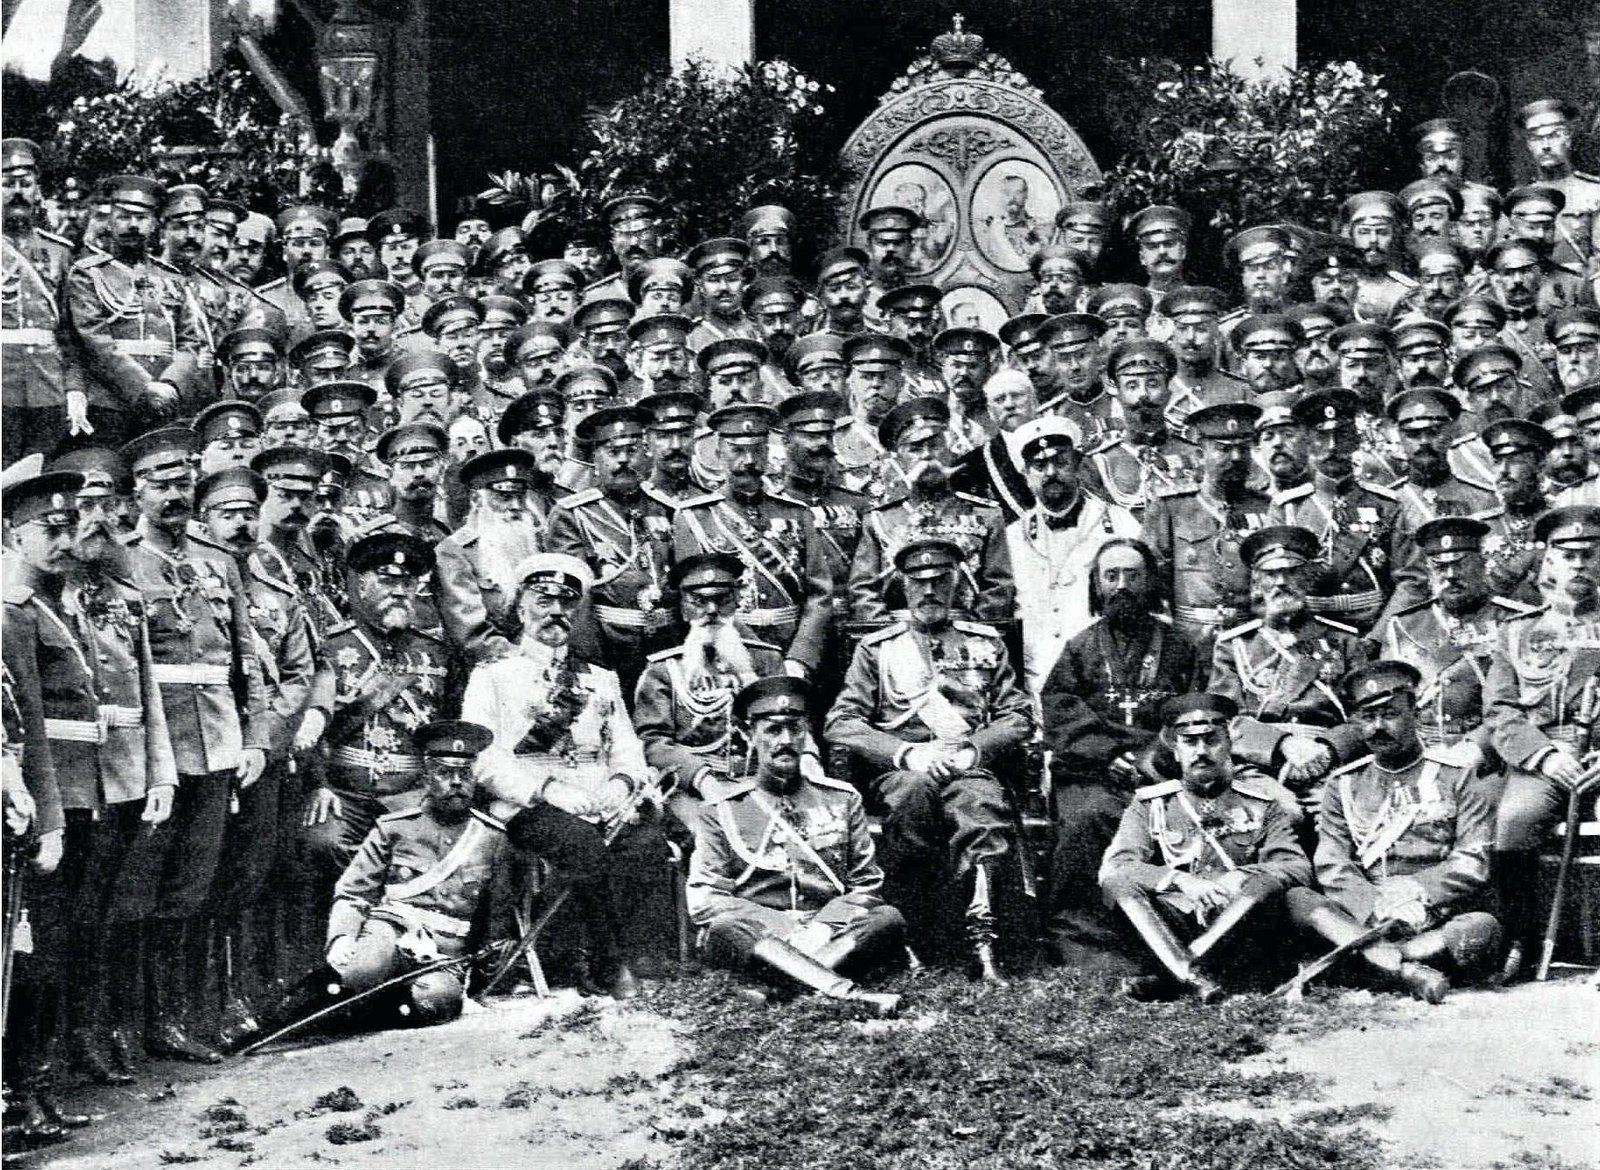 1912. Главнокомандующий великий князь Николай Николаевич на 100-летии штаба войск гвардии. 30 июня